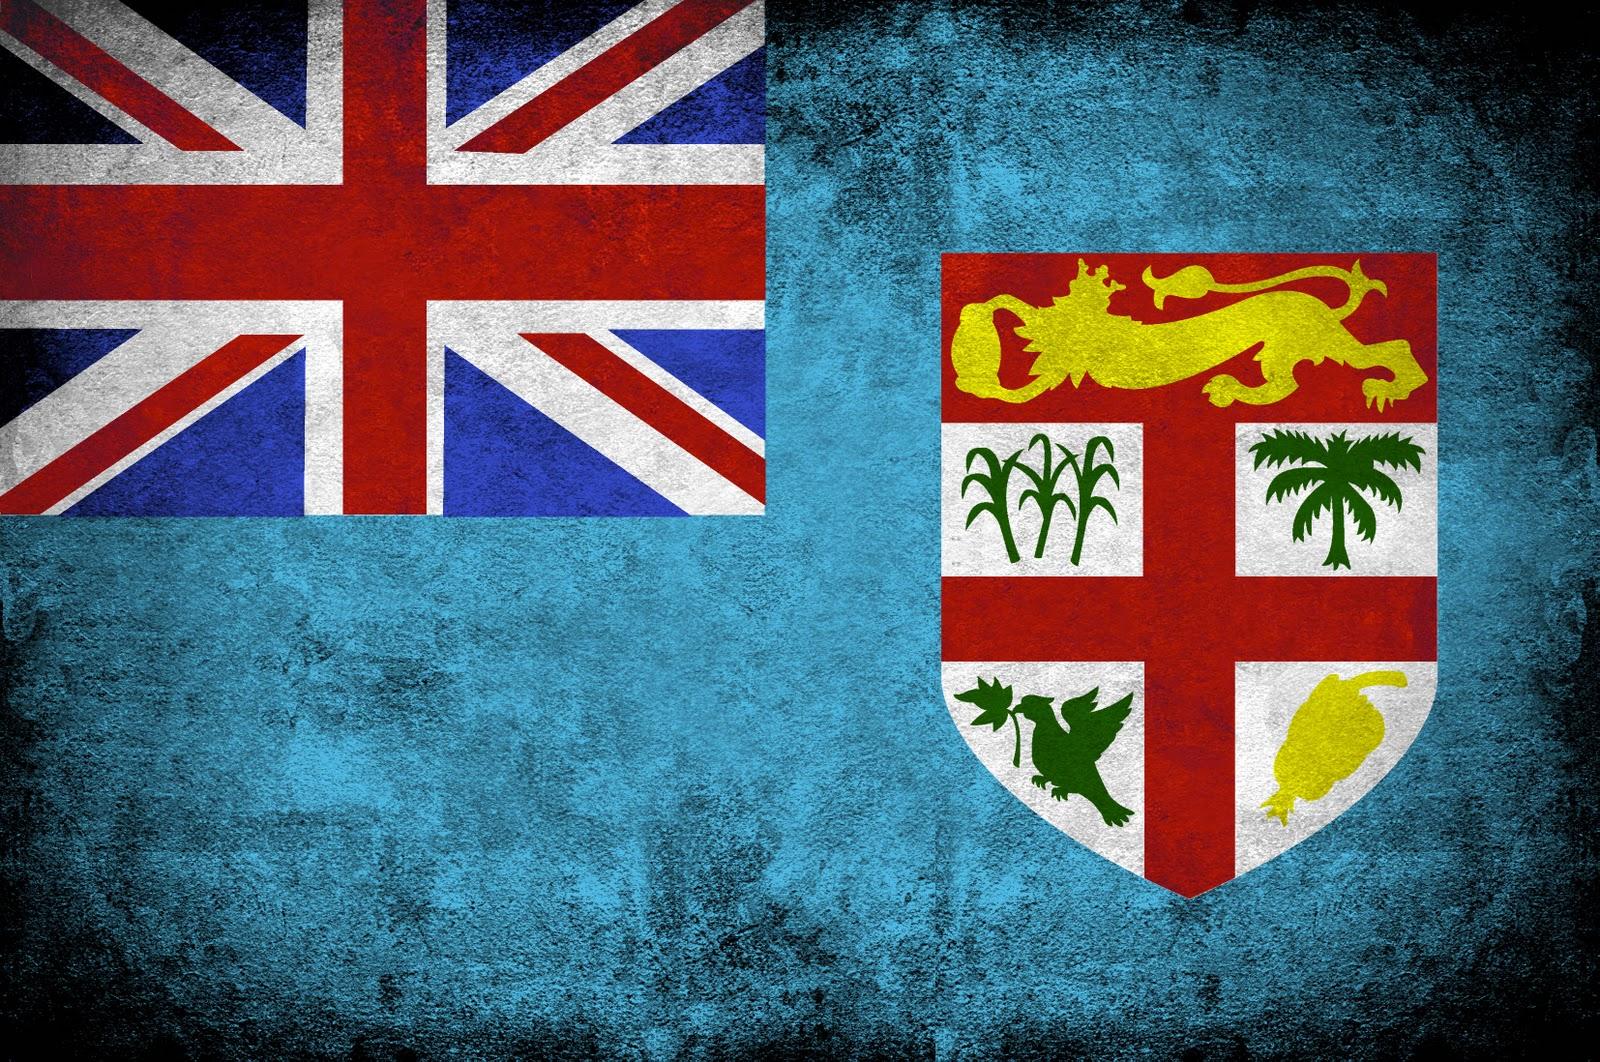 http://4.bp.blogspot.com/-vKMEwU18gic/ULQNF11OhNI/AAAAAAAAEQI/ygyp-YCq4mg/s1600/Flag+of+Fiji+Fijian+national+flag+(2).jpg